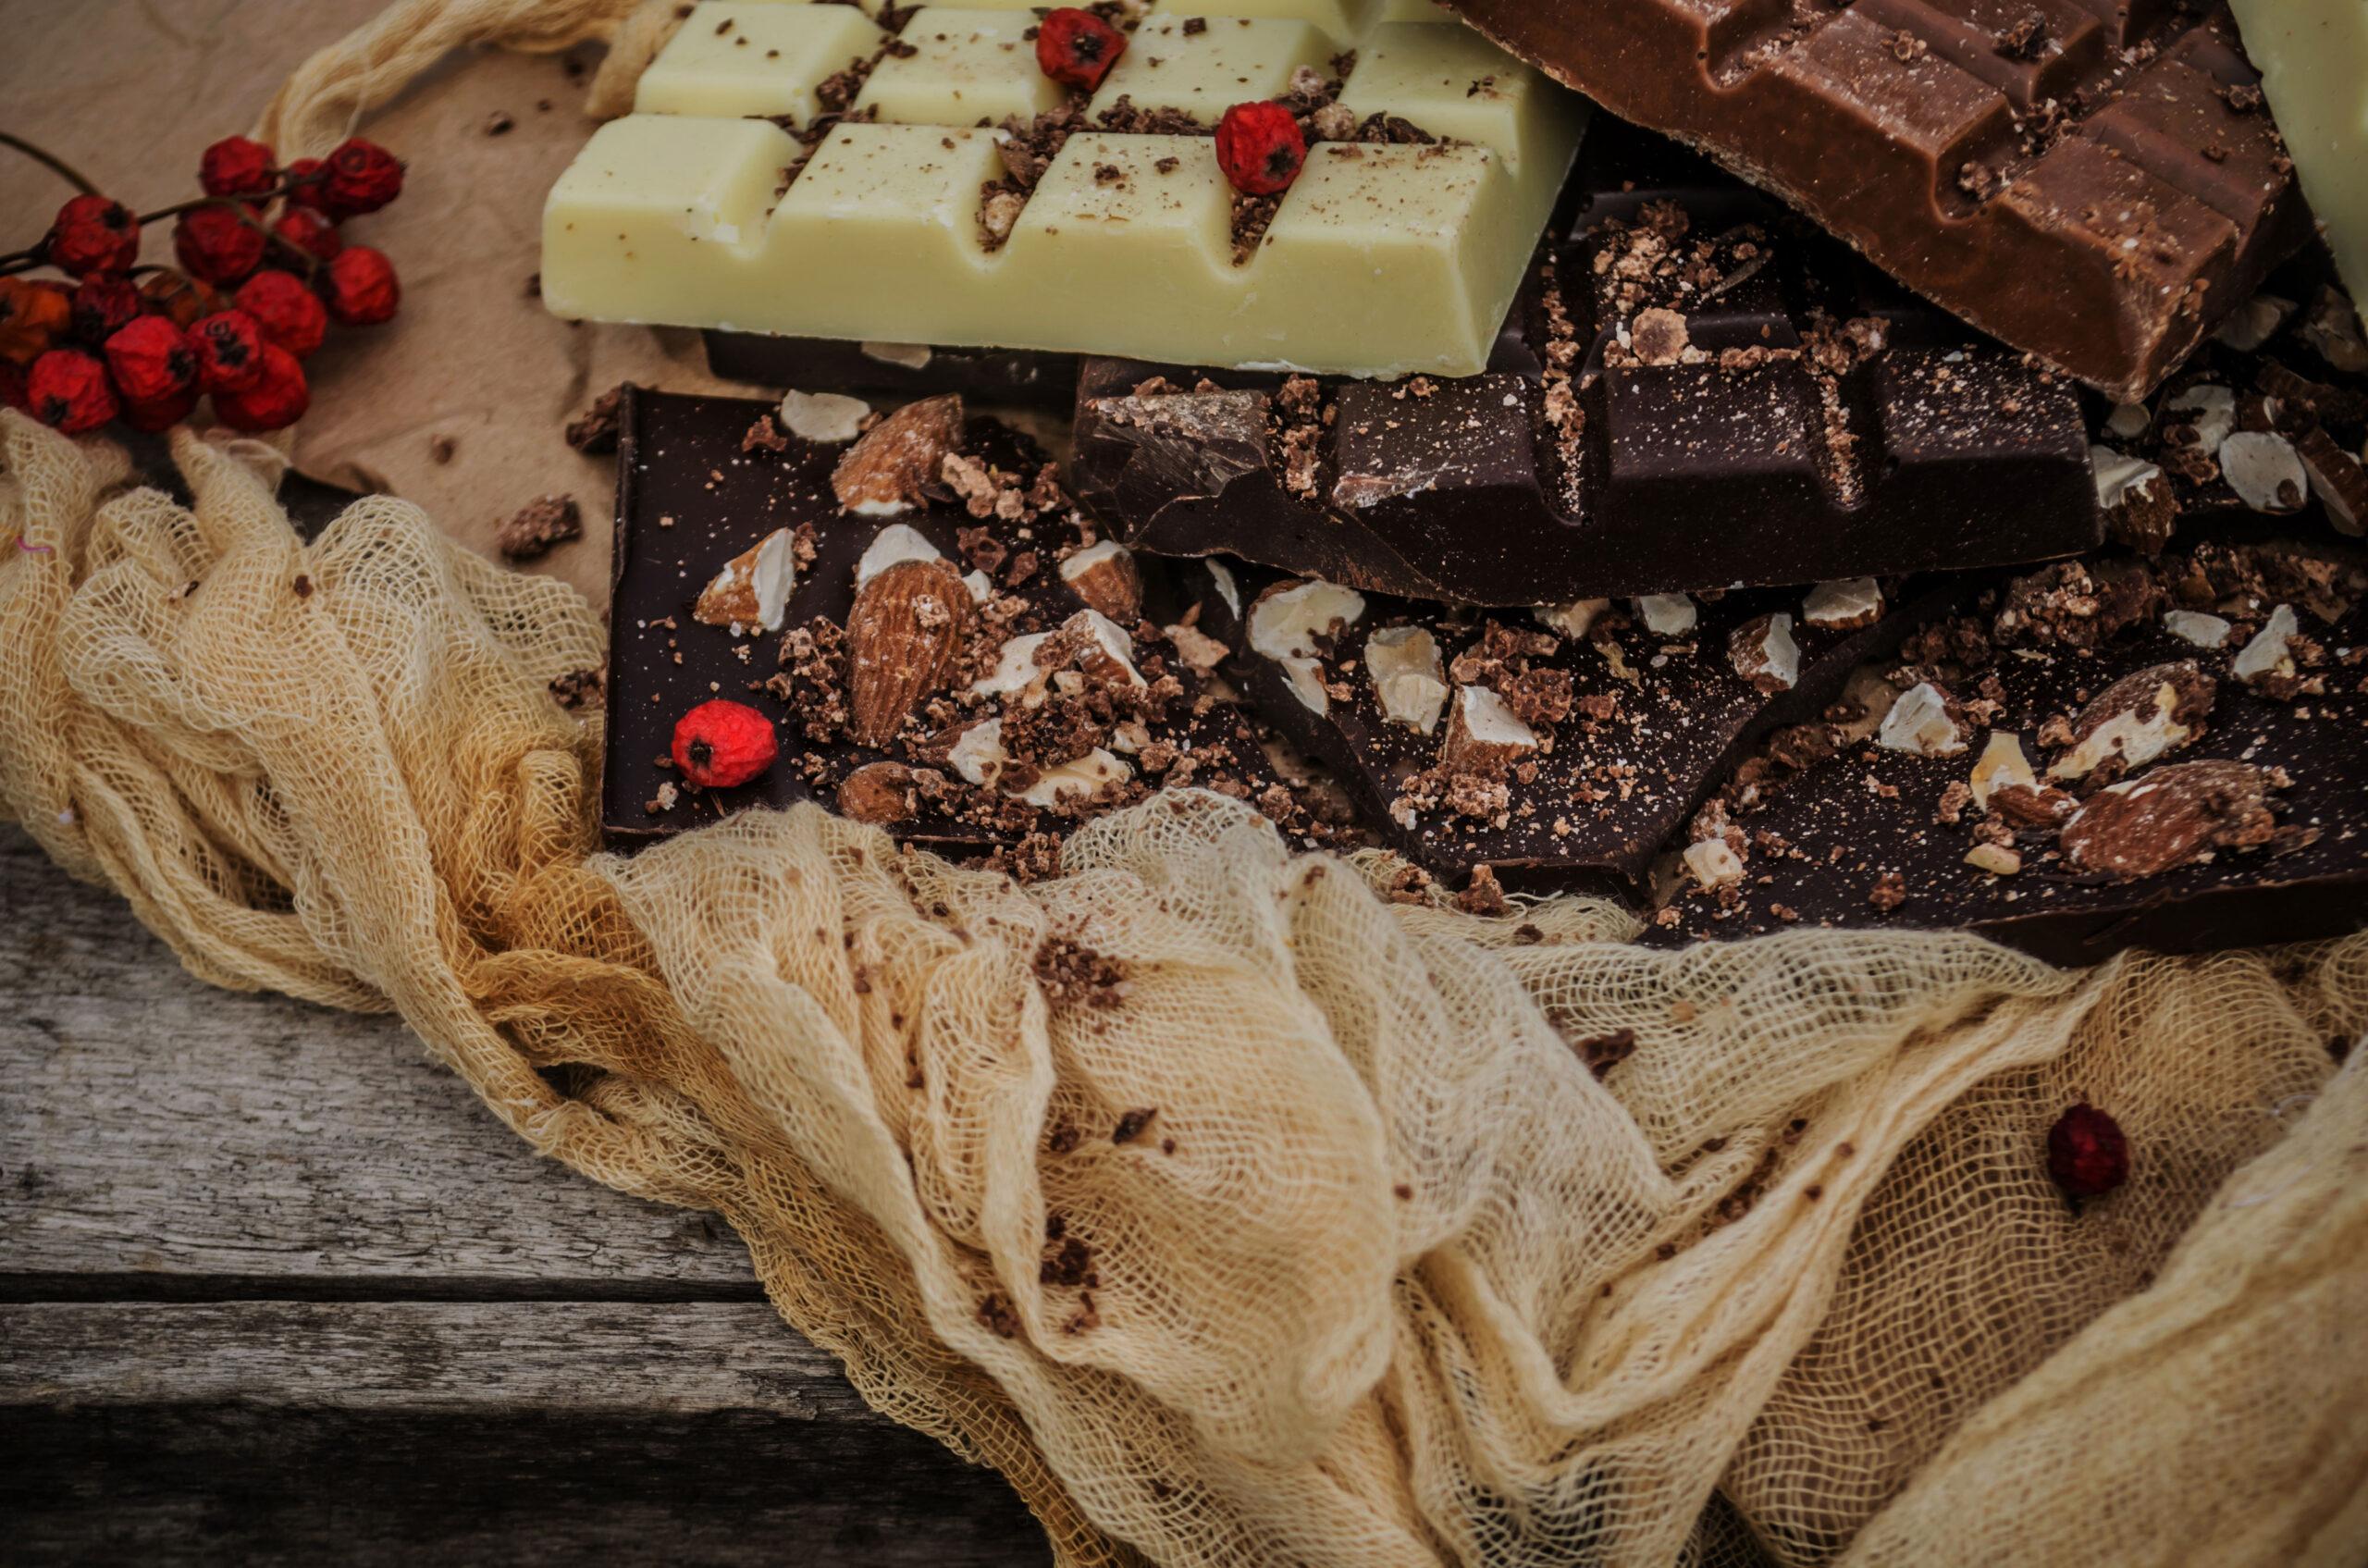 sjokolade helsetips mot luft i magen redusere vondt kosthold